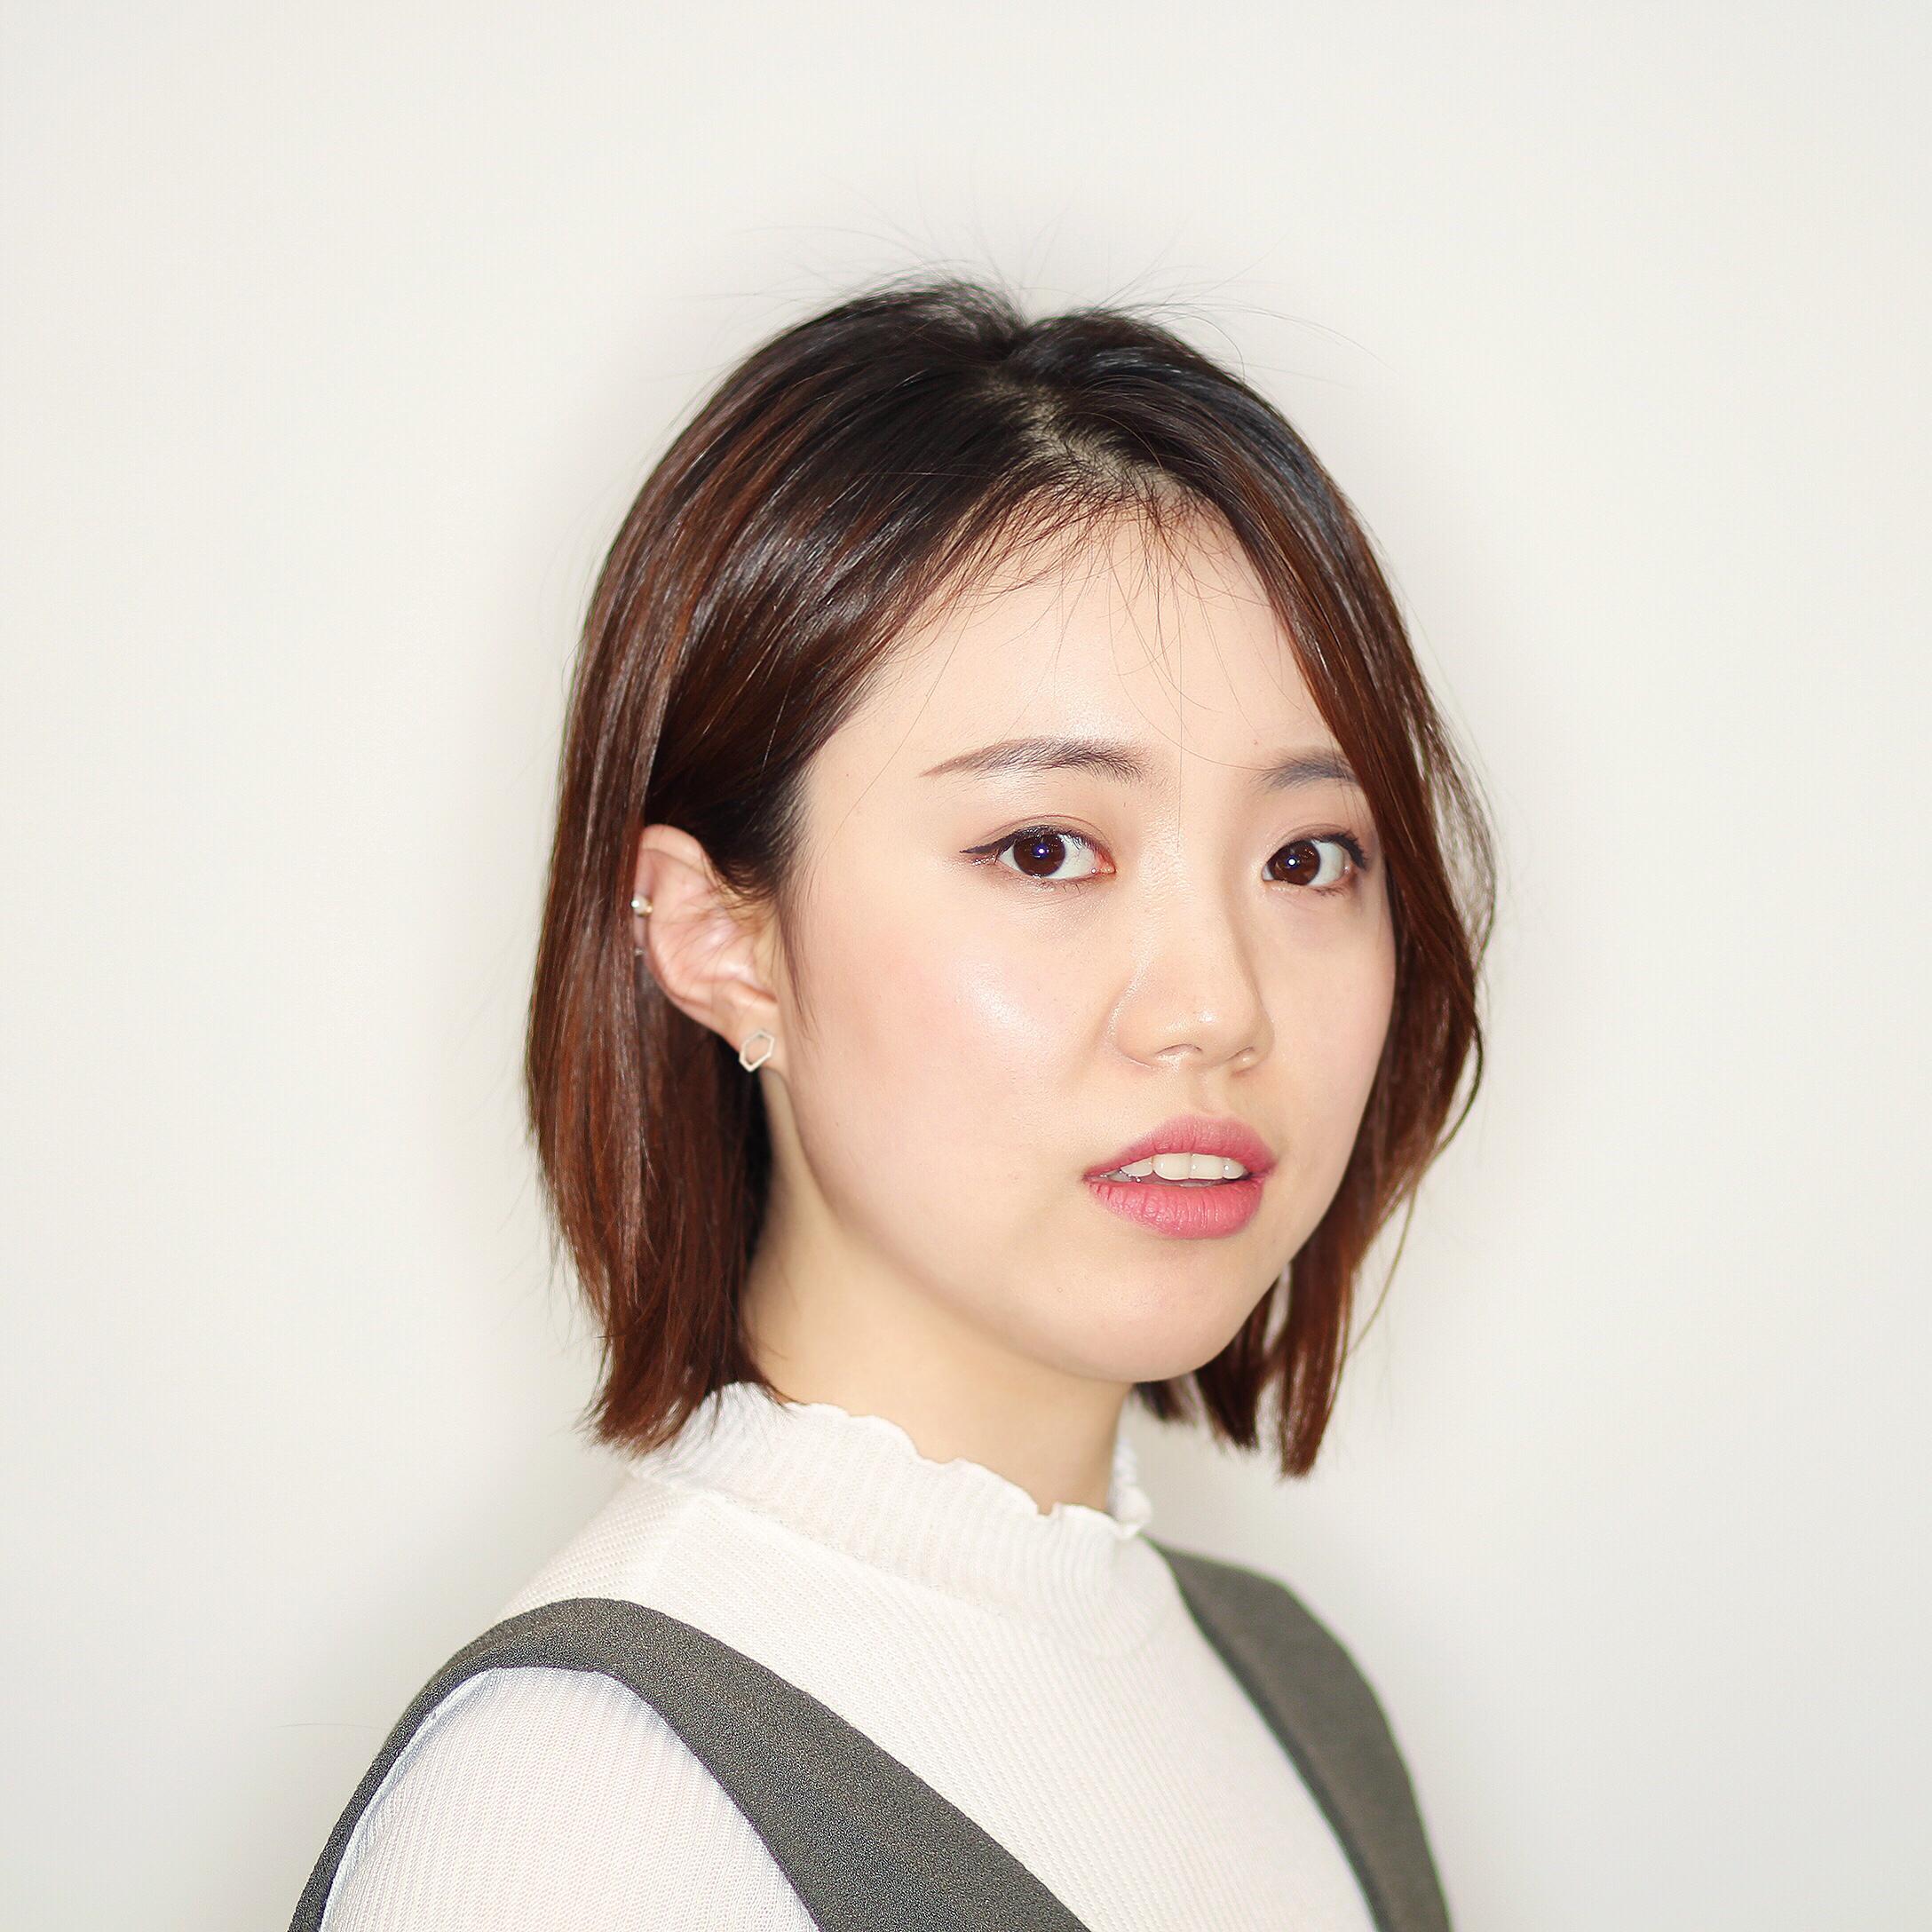 Ze Tan